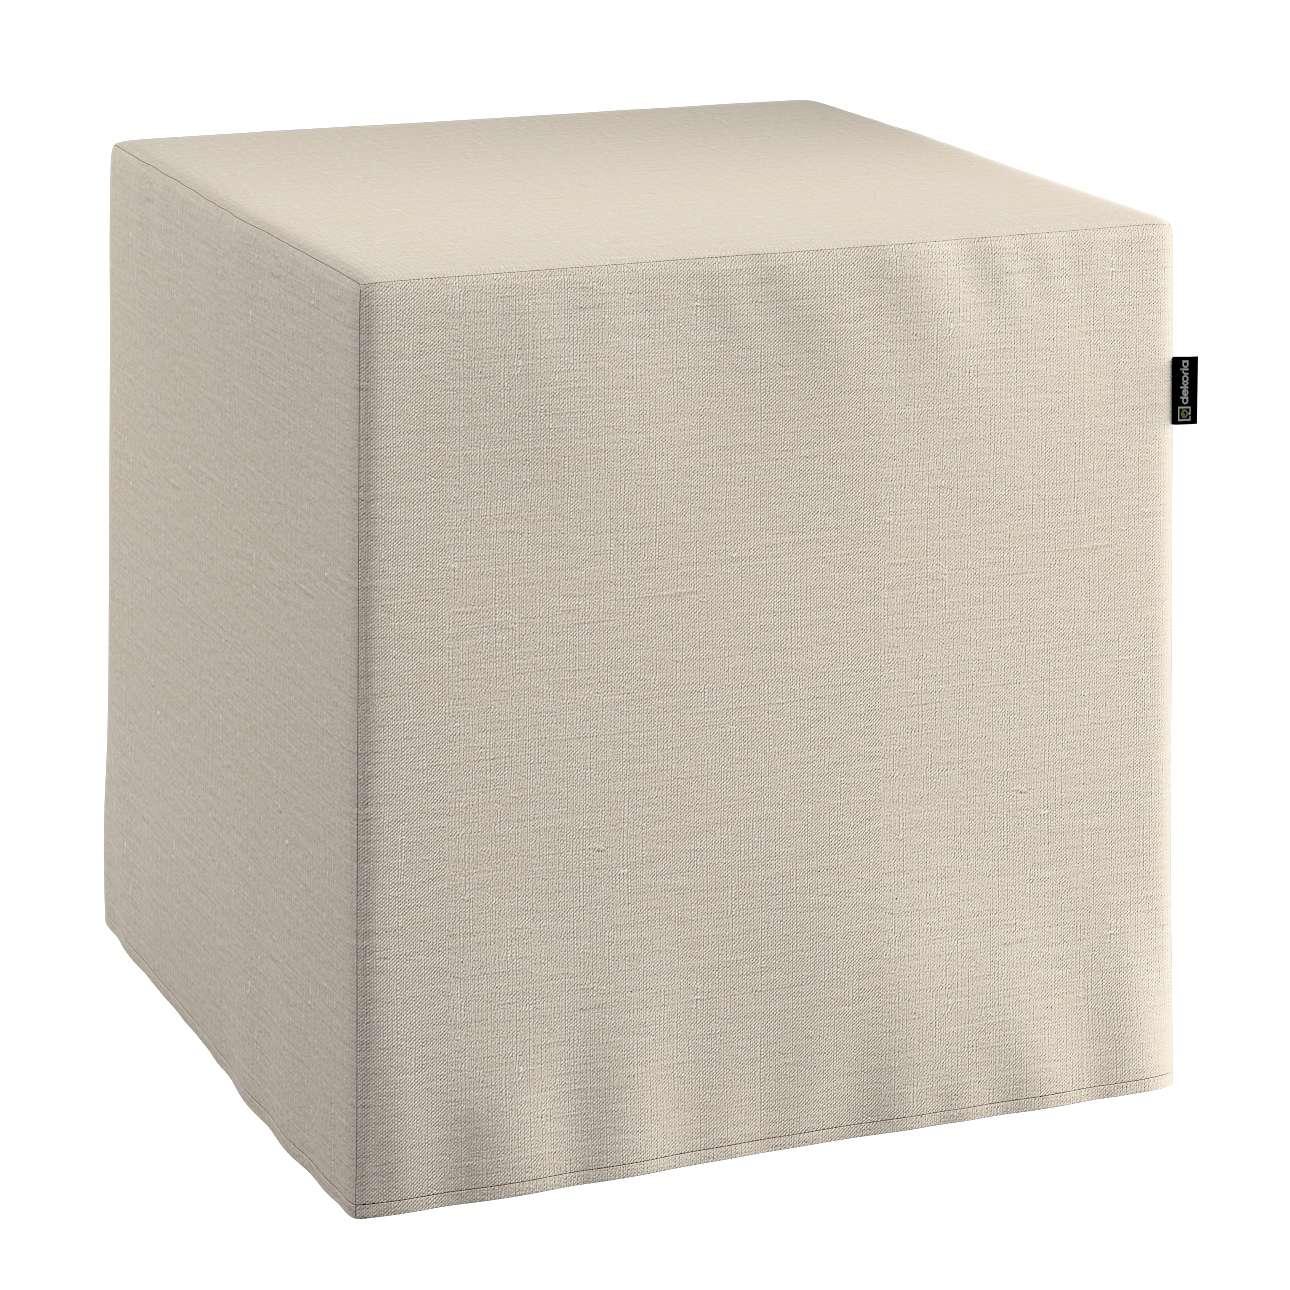 Bezug für Sitzwürfel, natur, Bezug für Sitzwürfel 40x40x40 cm, Leinen | Wohnzimmer > Hocker & Poufs > Sitzwürfel | Dekoria